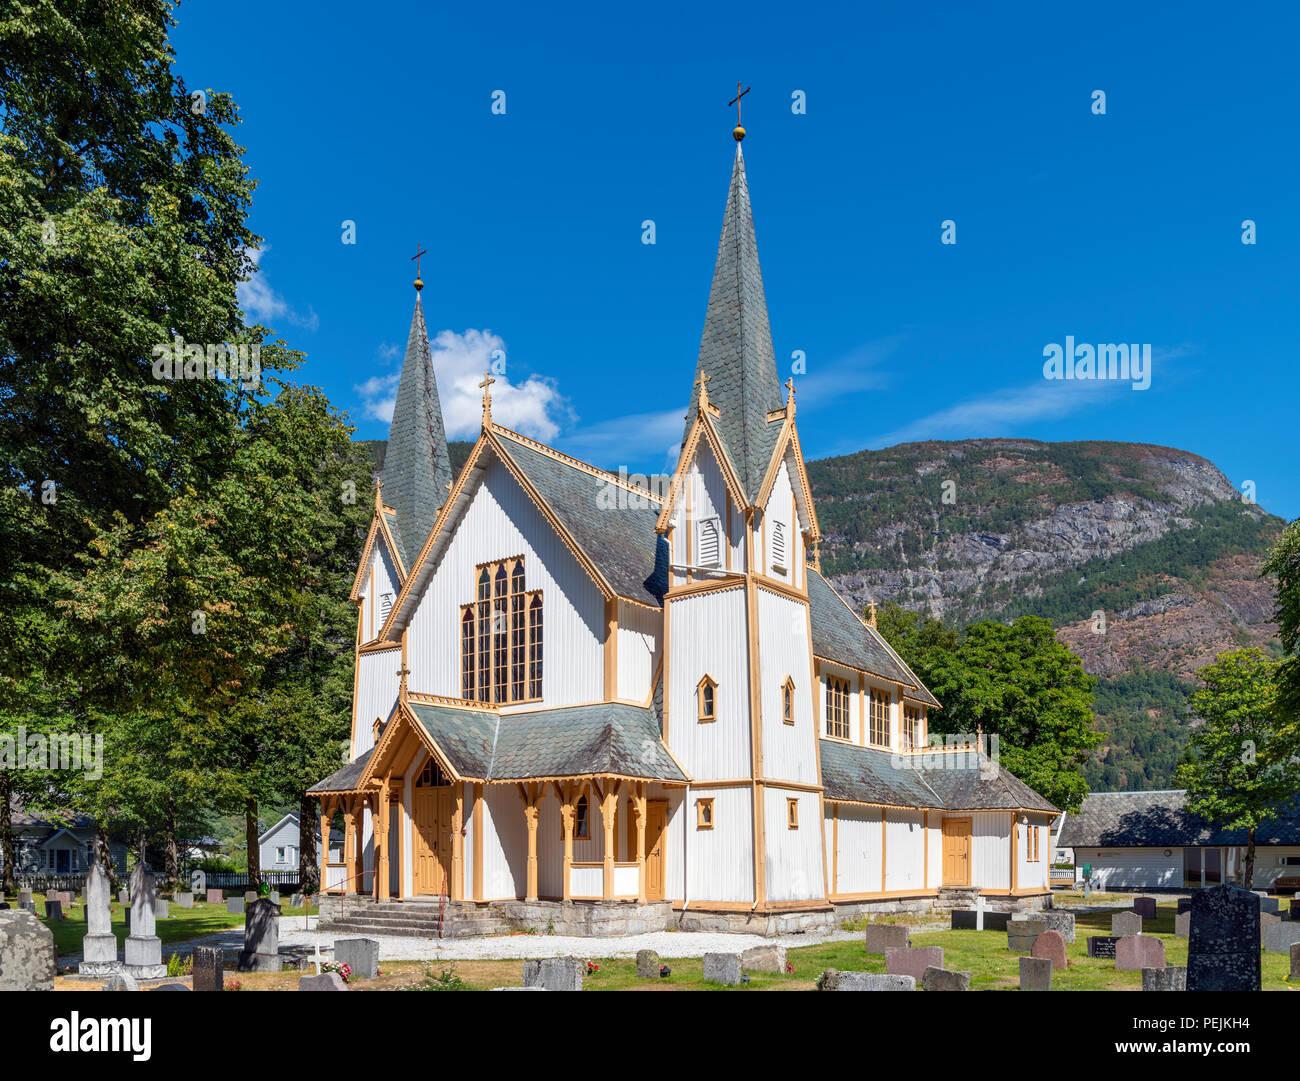 The 19th century Hauge Church (Hauge kyrkje), Lærdal (Lærdalsøyri), Sogn og Fjordane, Norway - Stock Image